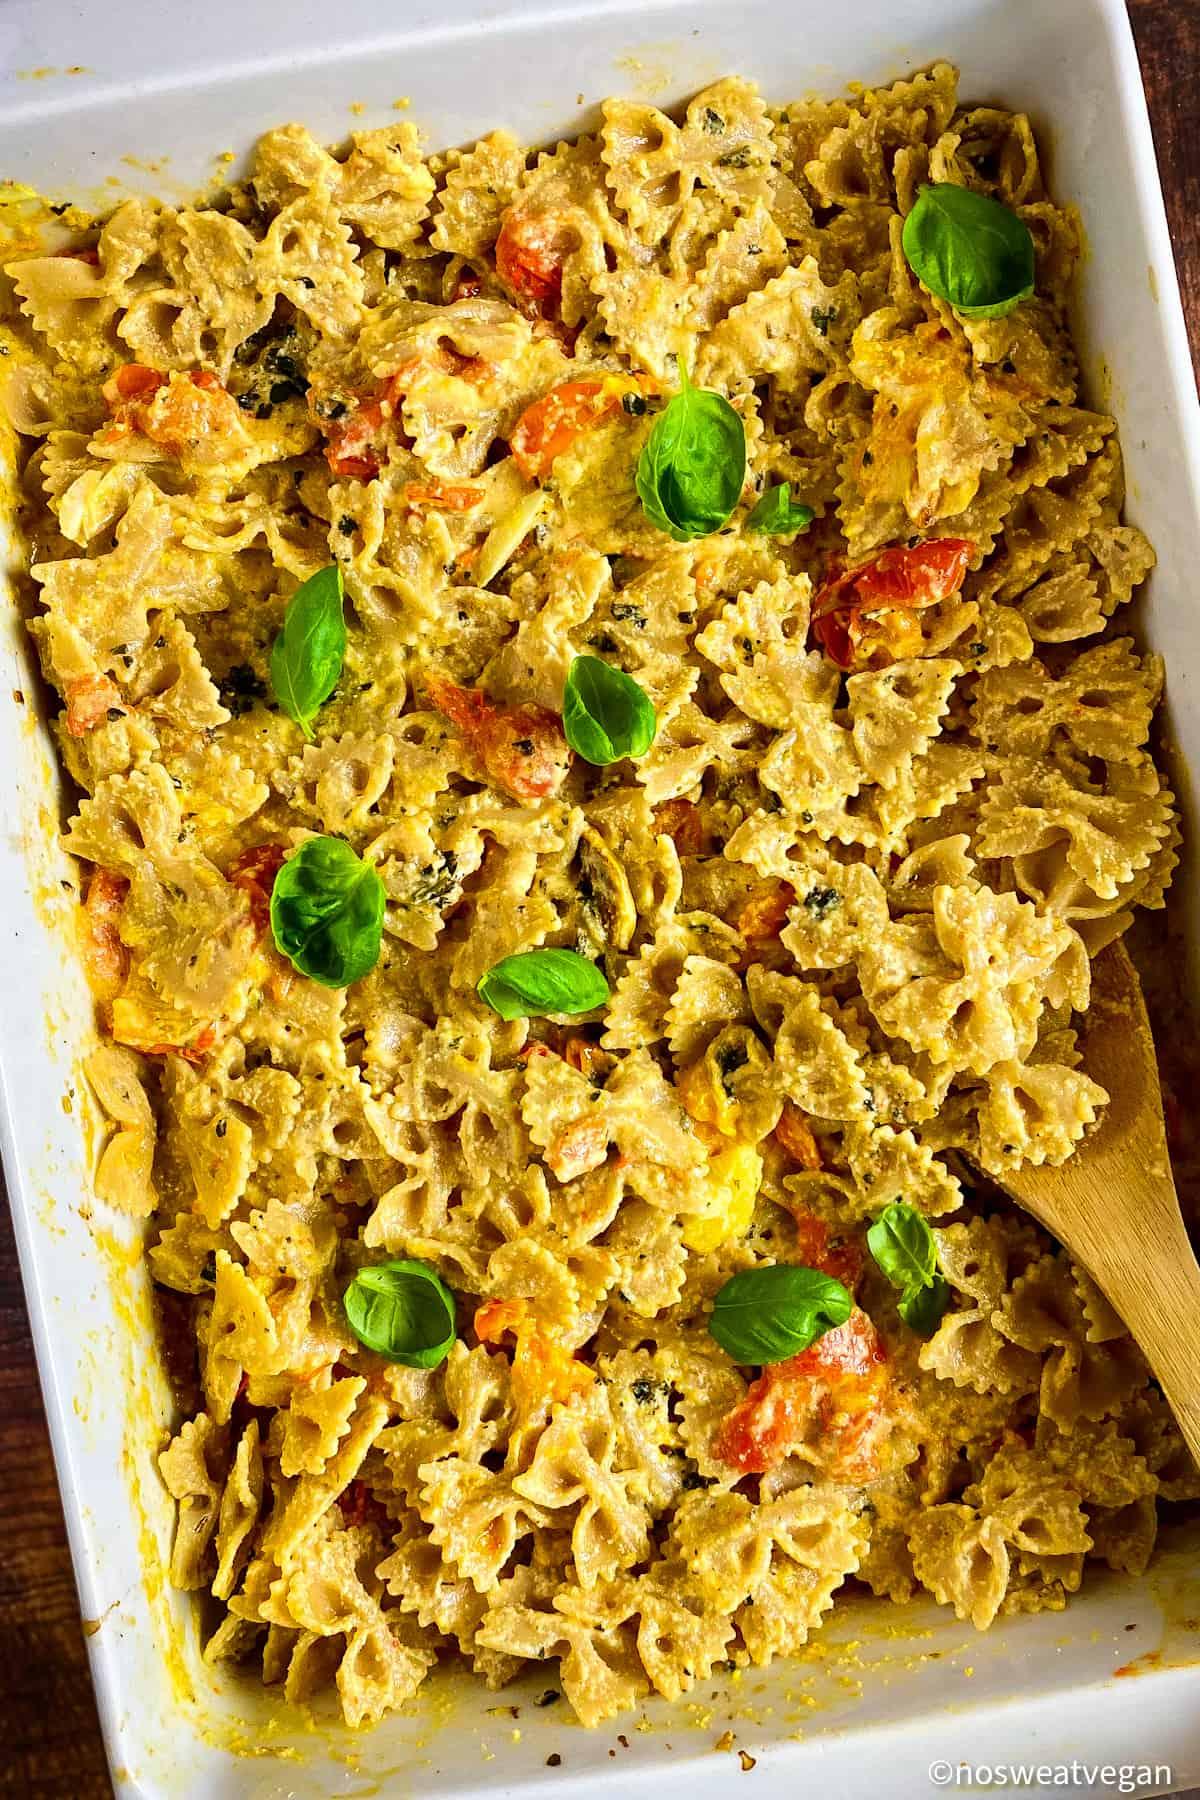 Baked vegan feta pasta in a baking dish.